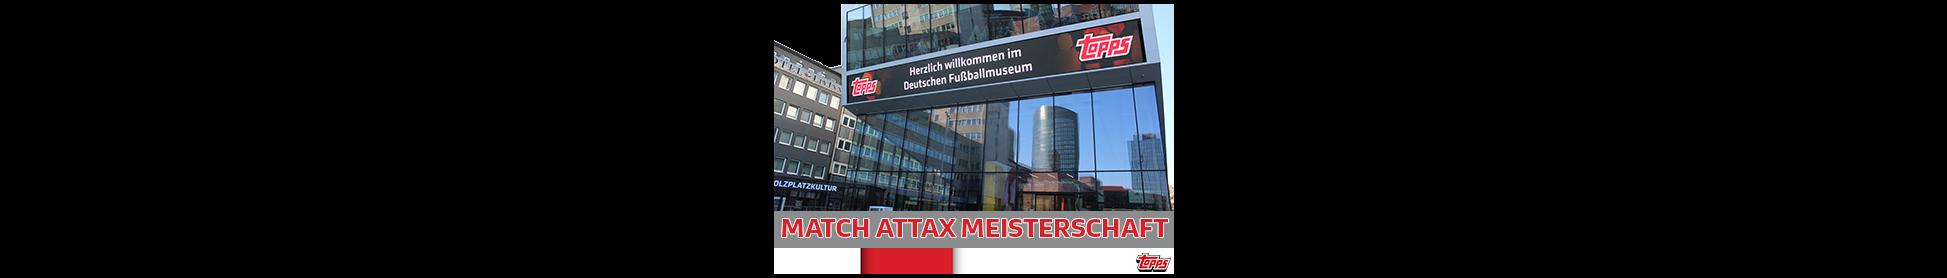 Anmeldung zur Deutschen Match Attax Meisterschaft